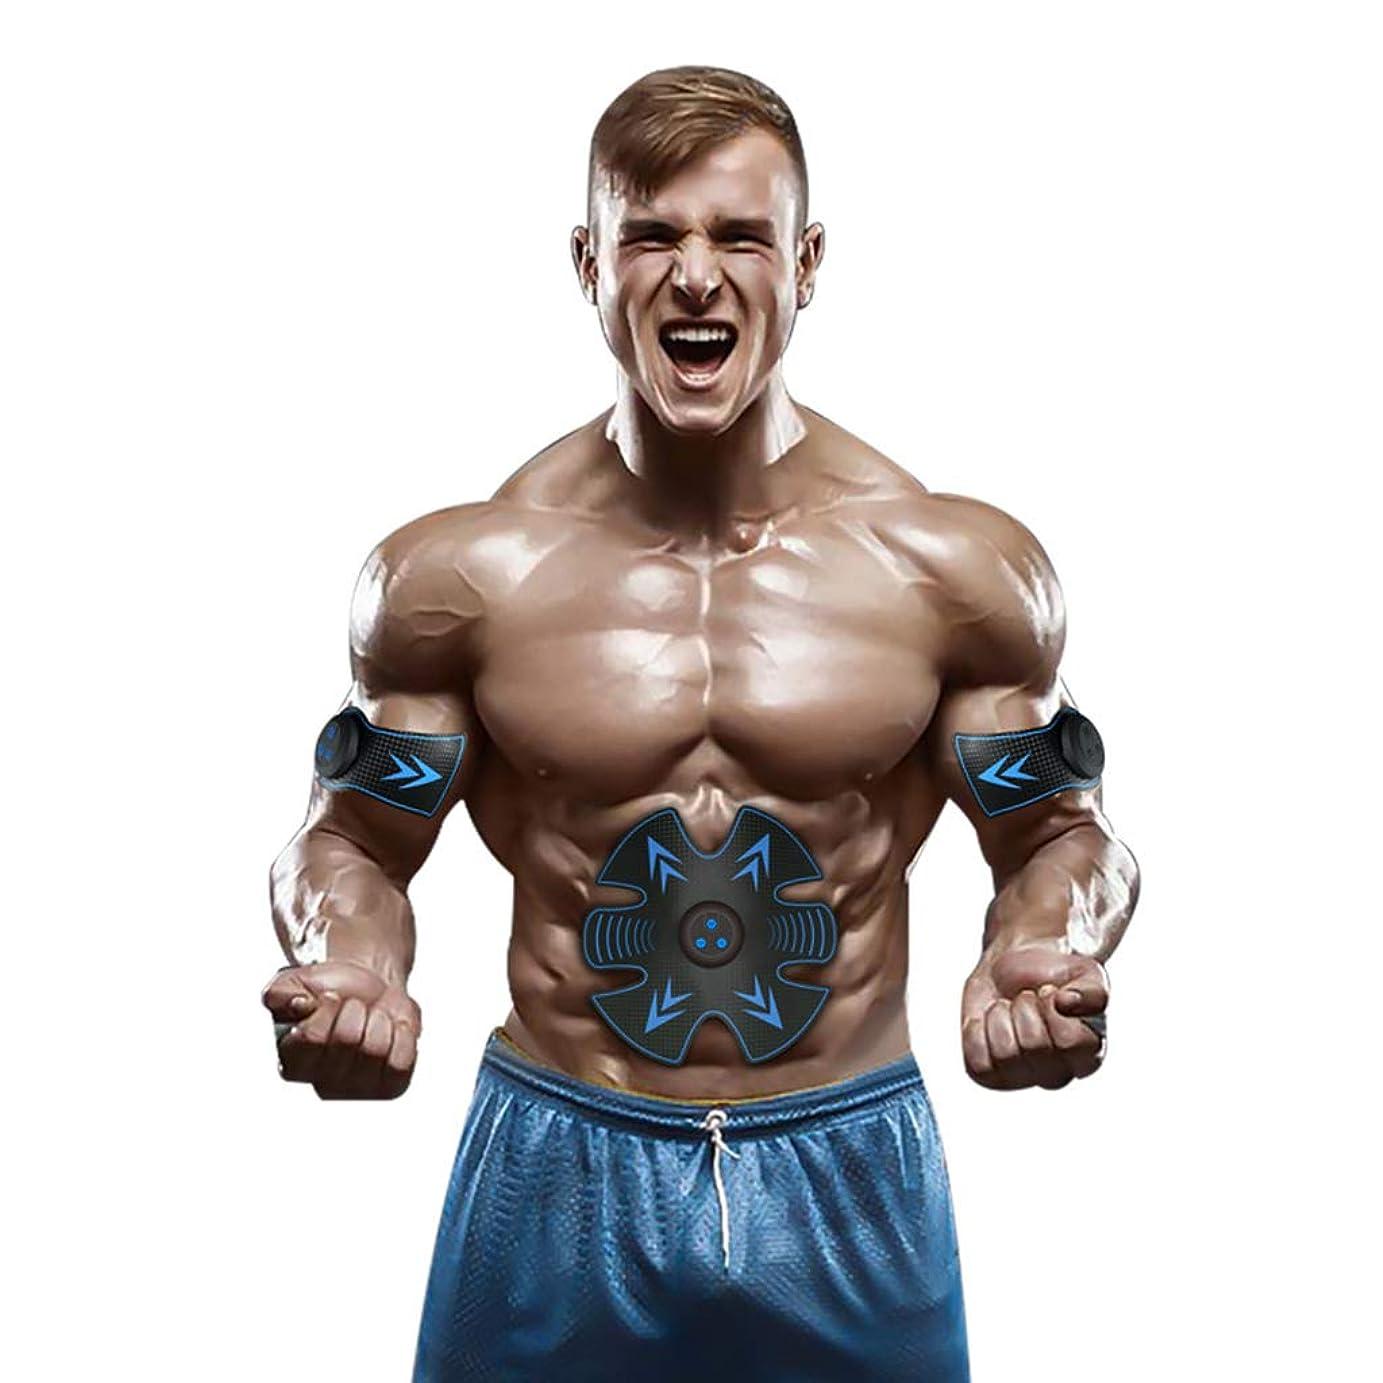 ハシーハイキング達成可能Ab調色ベルトウエストEMS Absトレーナー筋肉刺激装置腹筋トナーAbトナーフィットネストレーニングギアマシンホームインテリジェント筋肉トレーニングフィットネス機器筋肉腹部トレーナー (Color : BLUE, Size : 19*20CM)